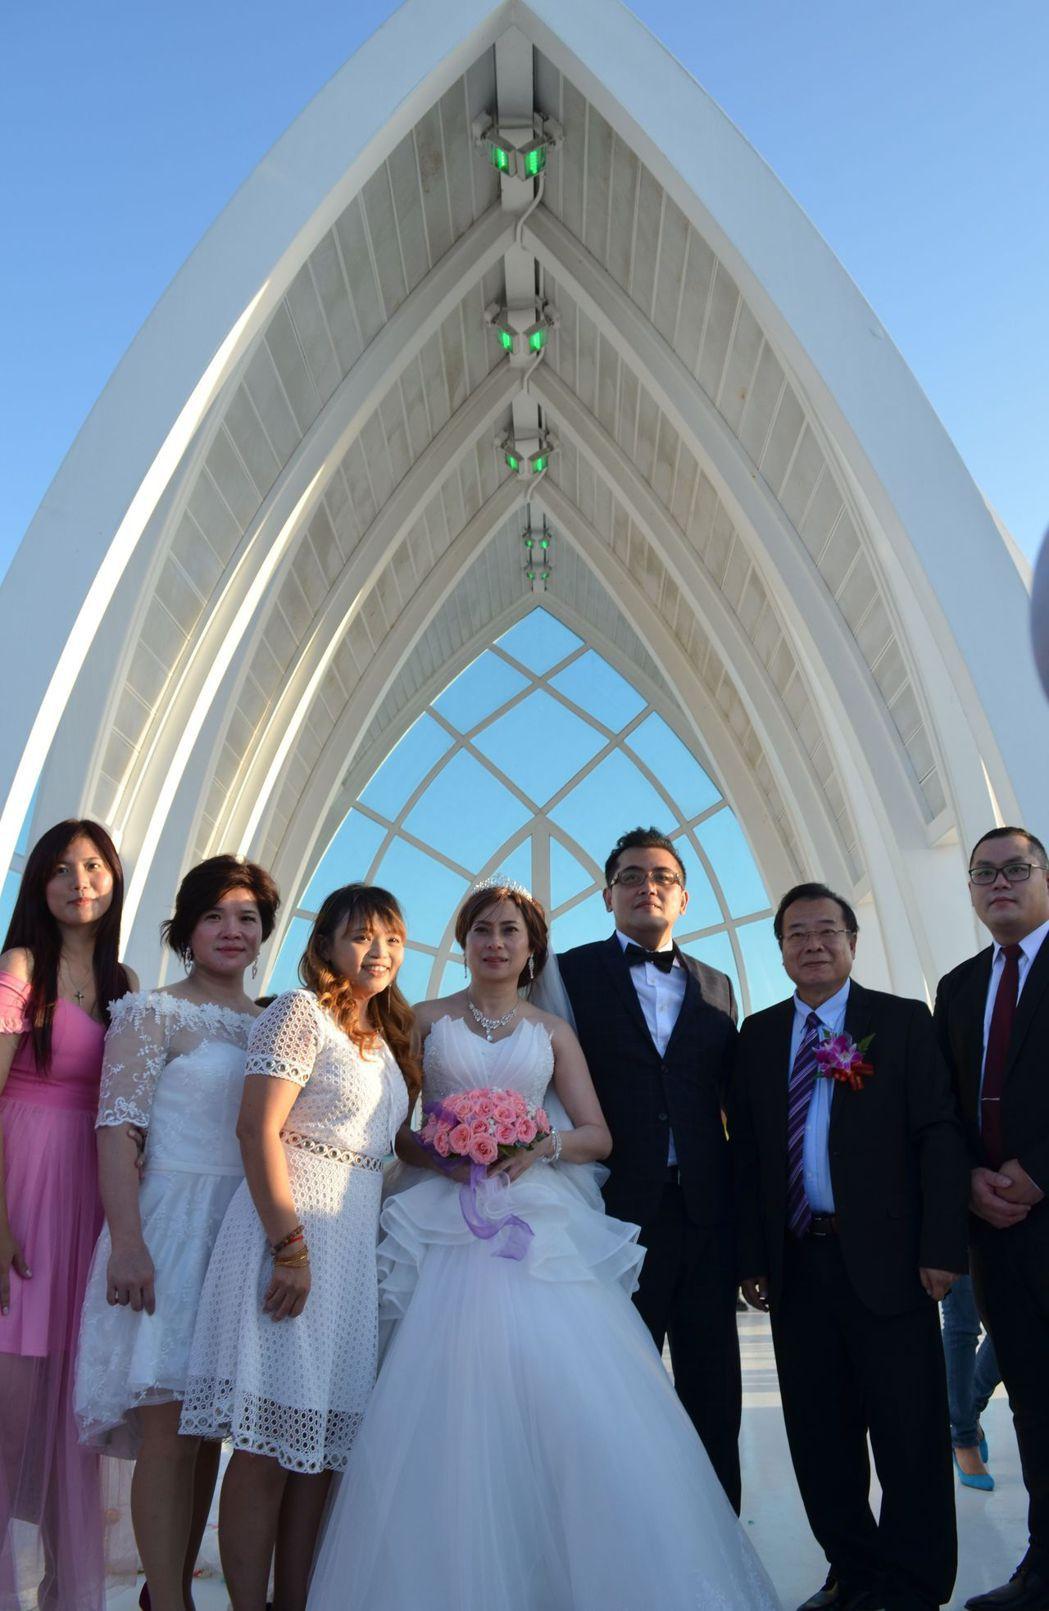 完婚後,新人與主婚人廖峻及伴郎伴娘在水晶教堂前合影。  陳慧明 攝影